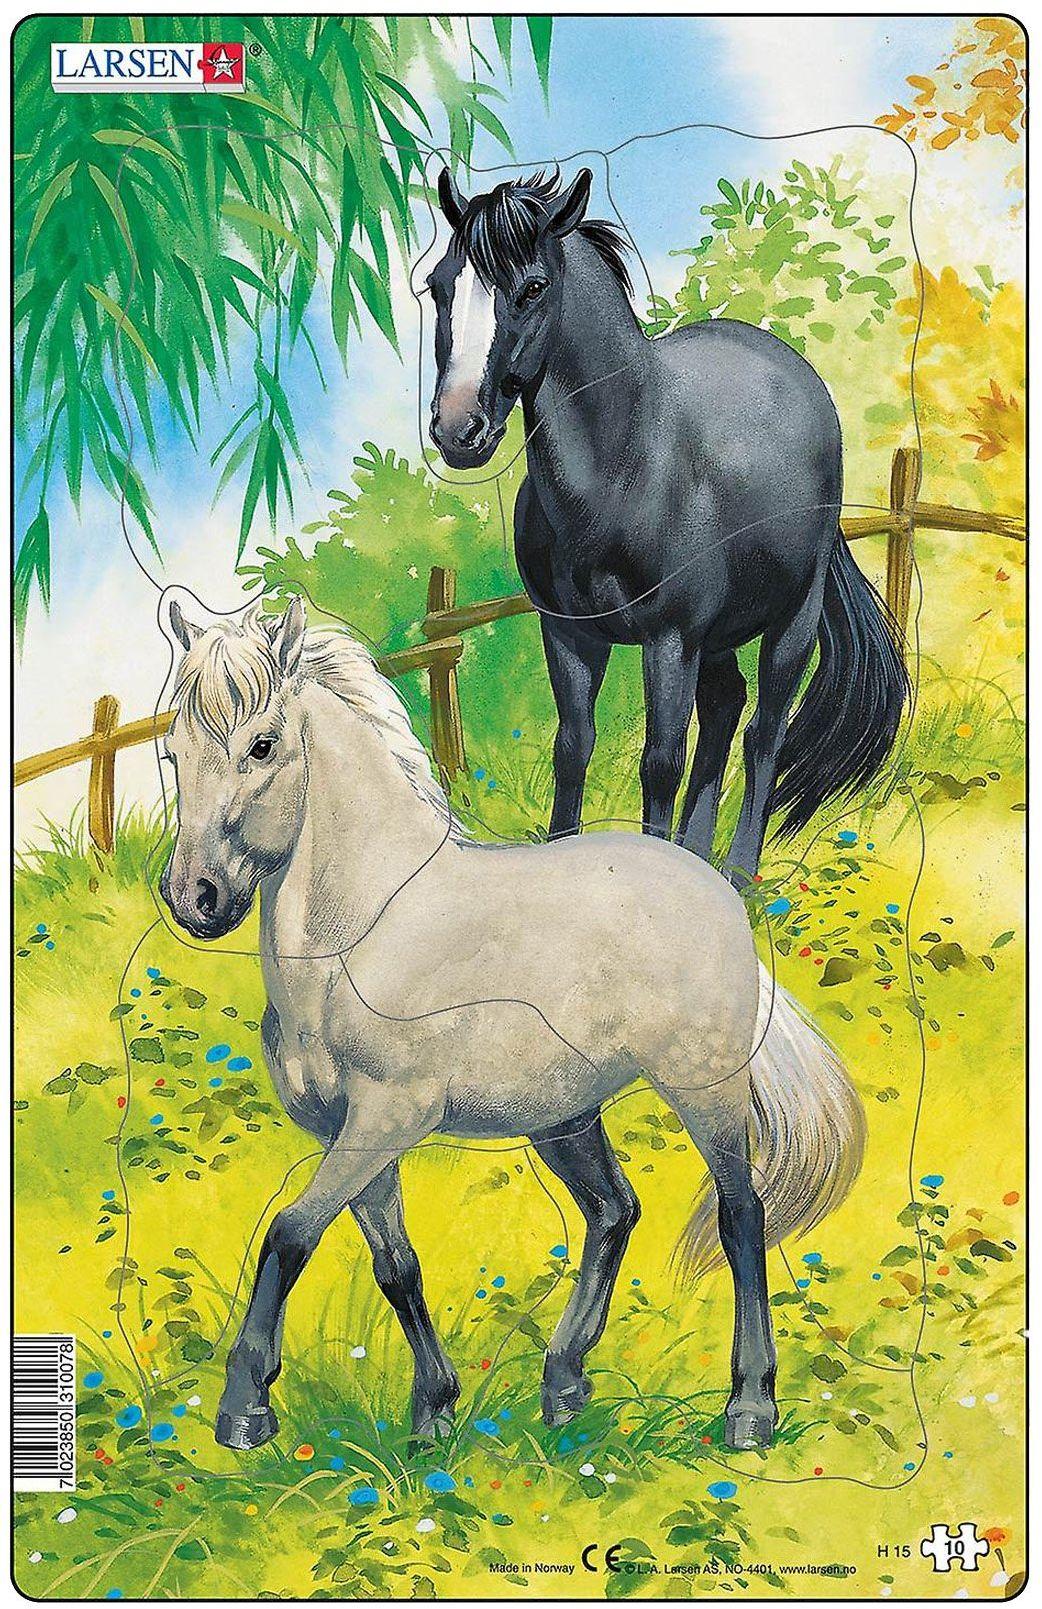 Larsen H15 zestaw puzzli dla koni, niebieski, 80 x 400 x 7,8 mm